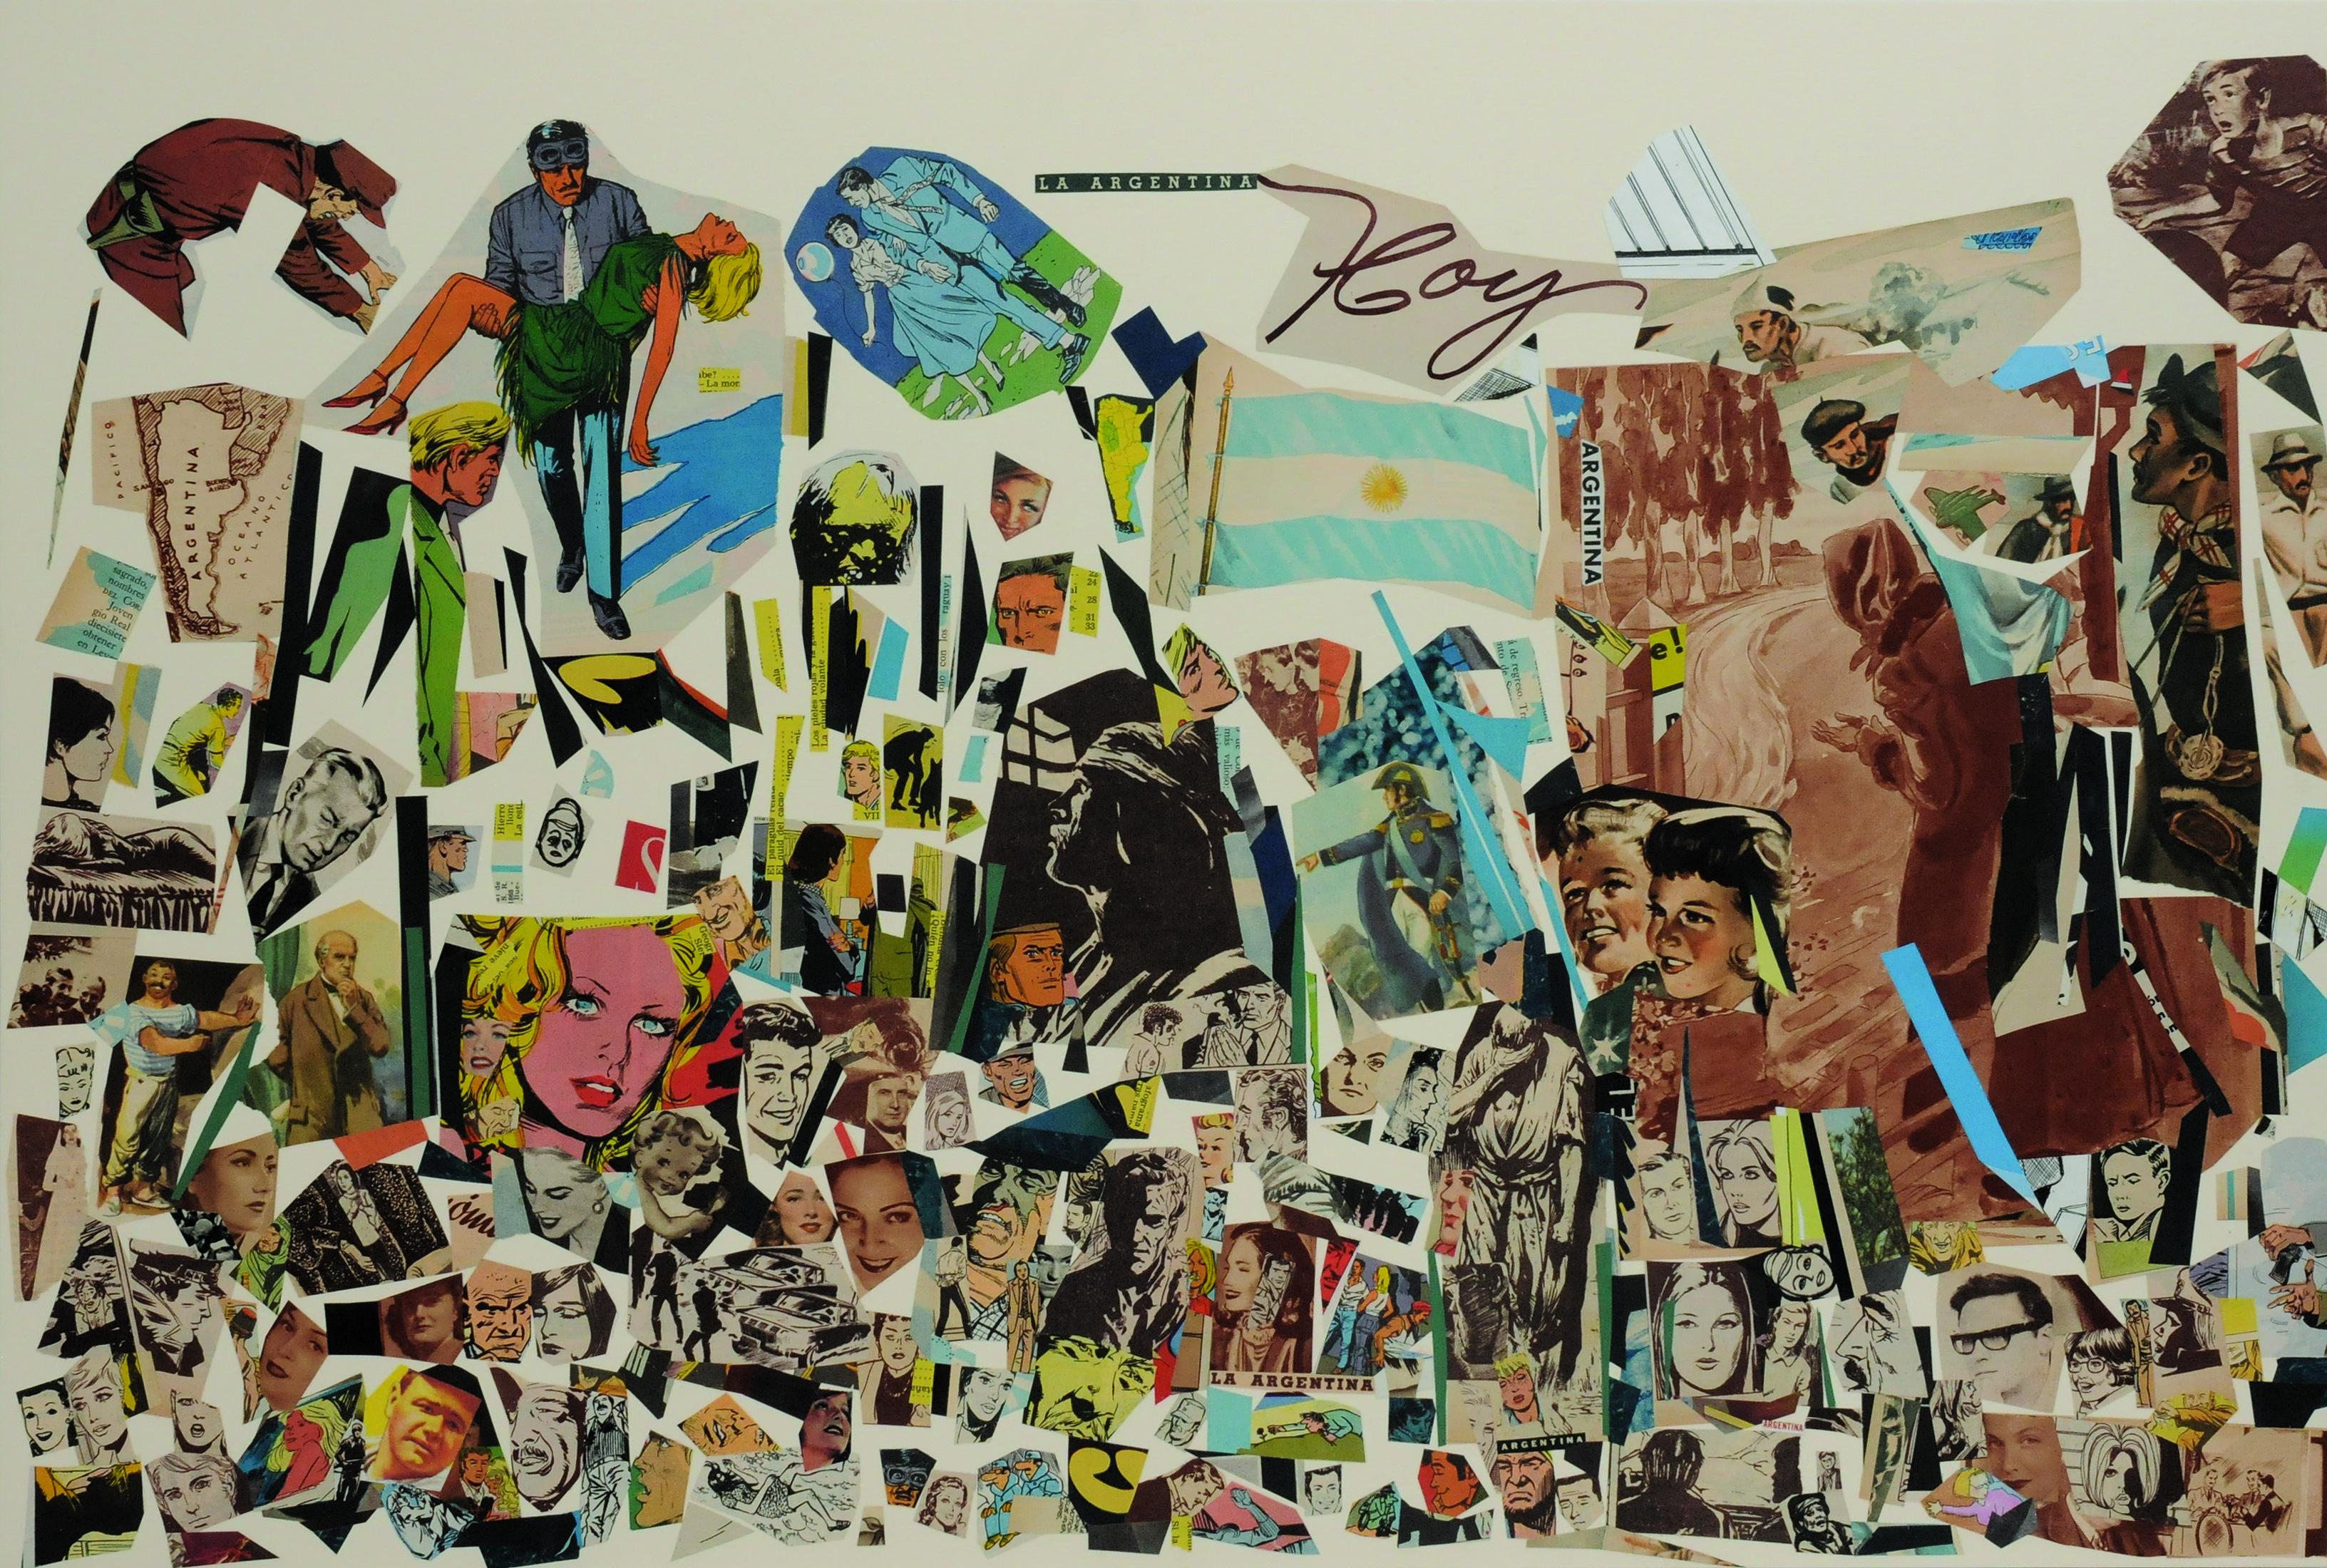 La Argentina hoy, papel collage, 51 cm x 76 cm. 2008